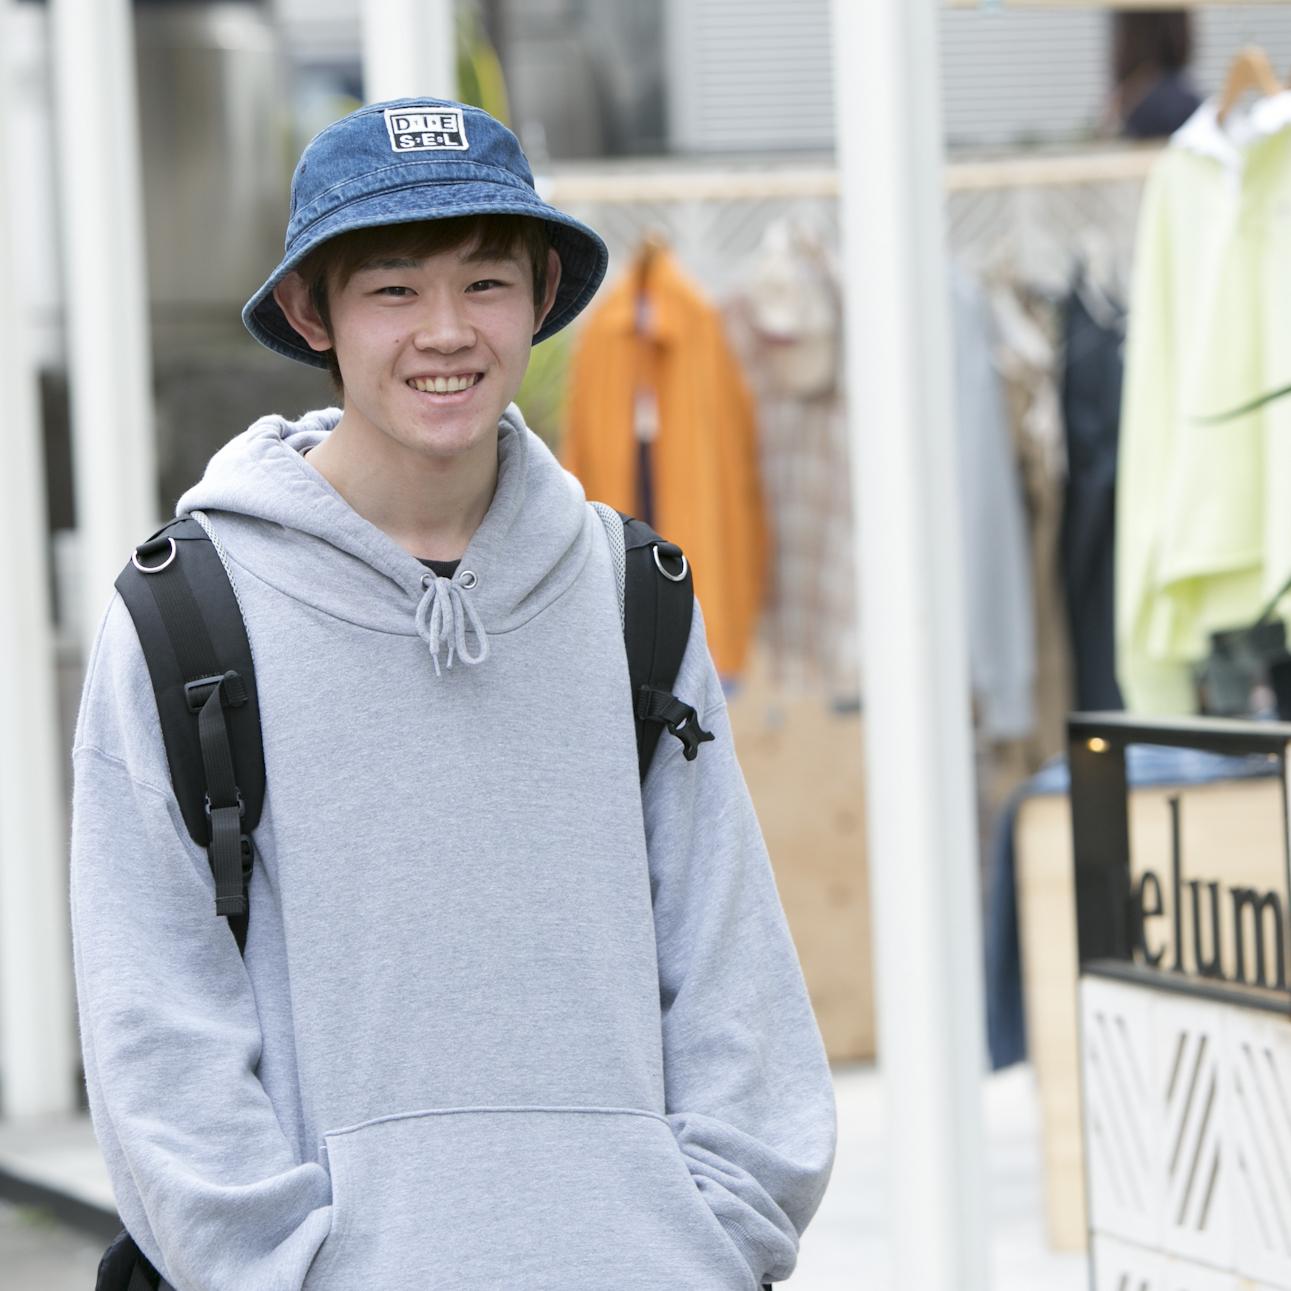 22歳・尚人「趣味に使えるお金はほとんど服に使ってます」【18-22 SNAP #005】